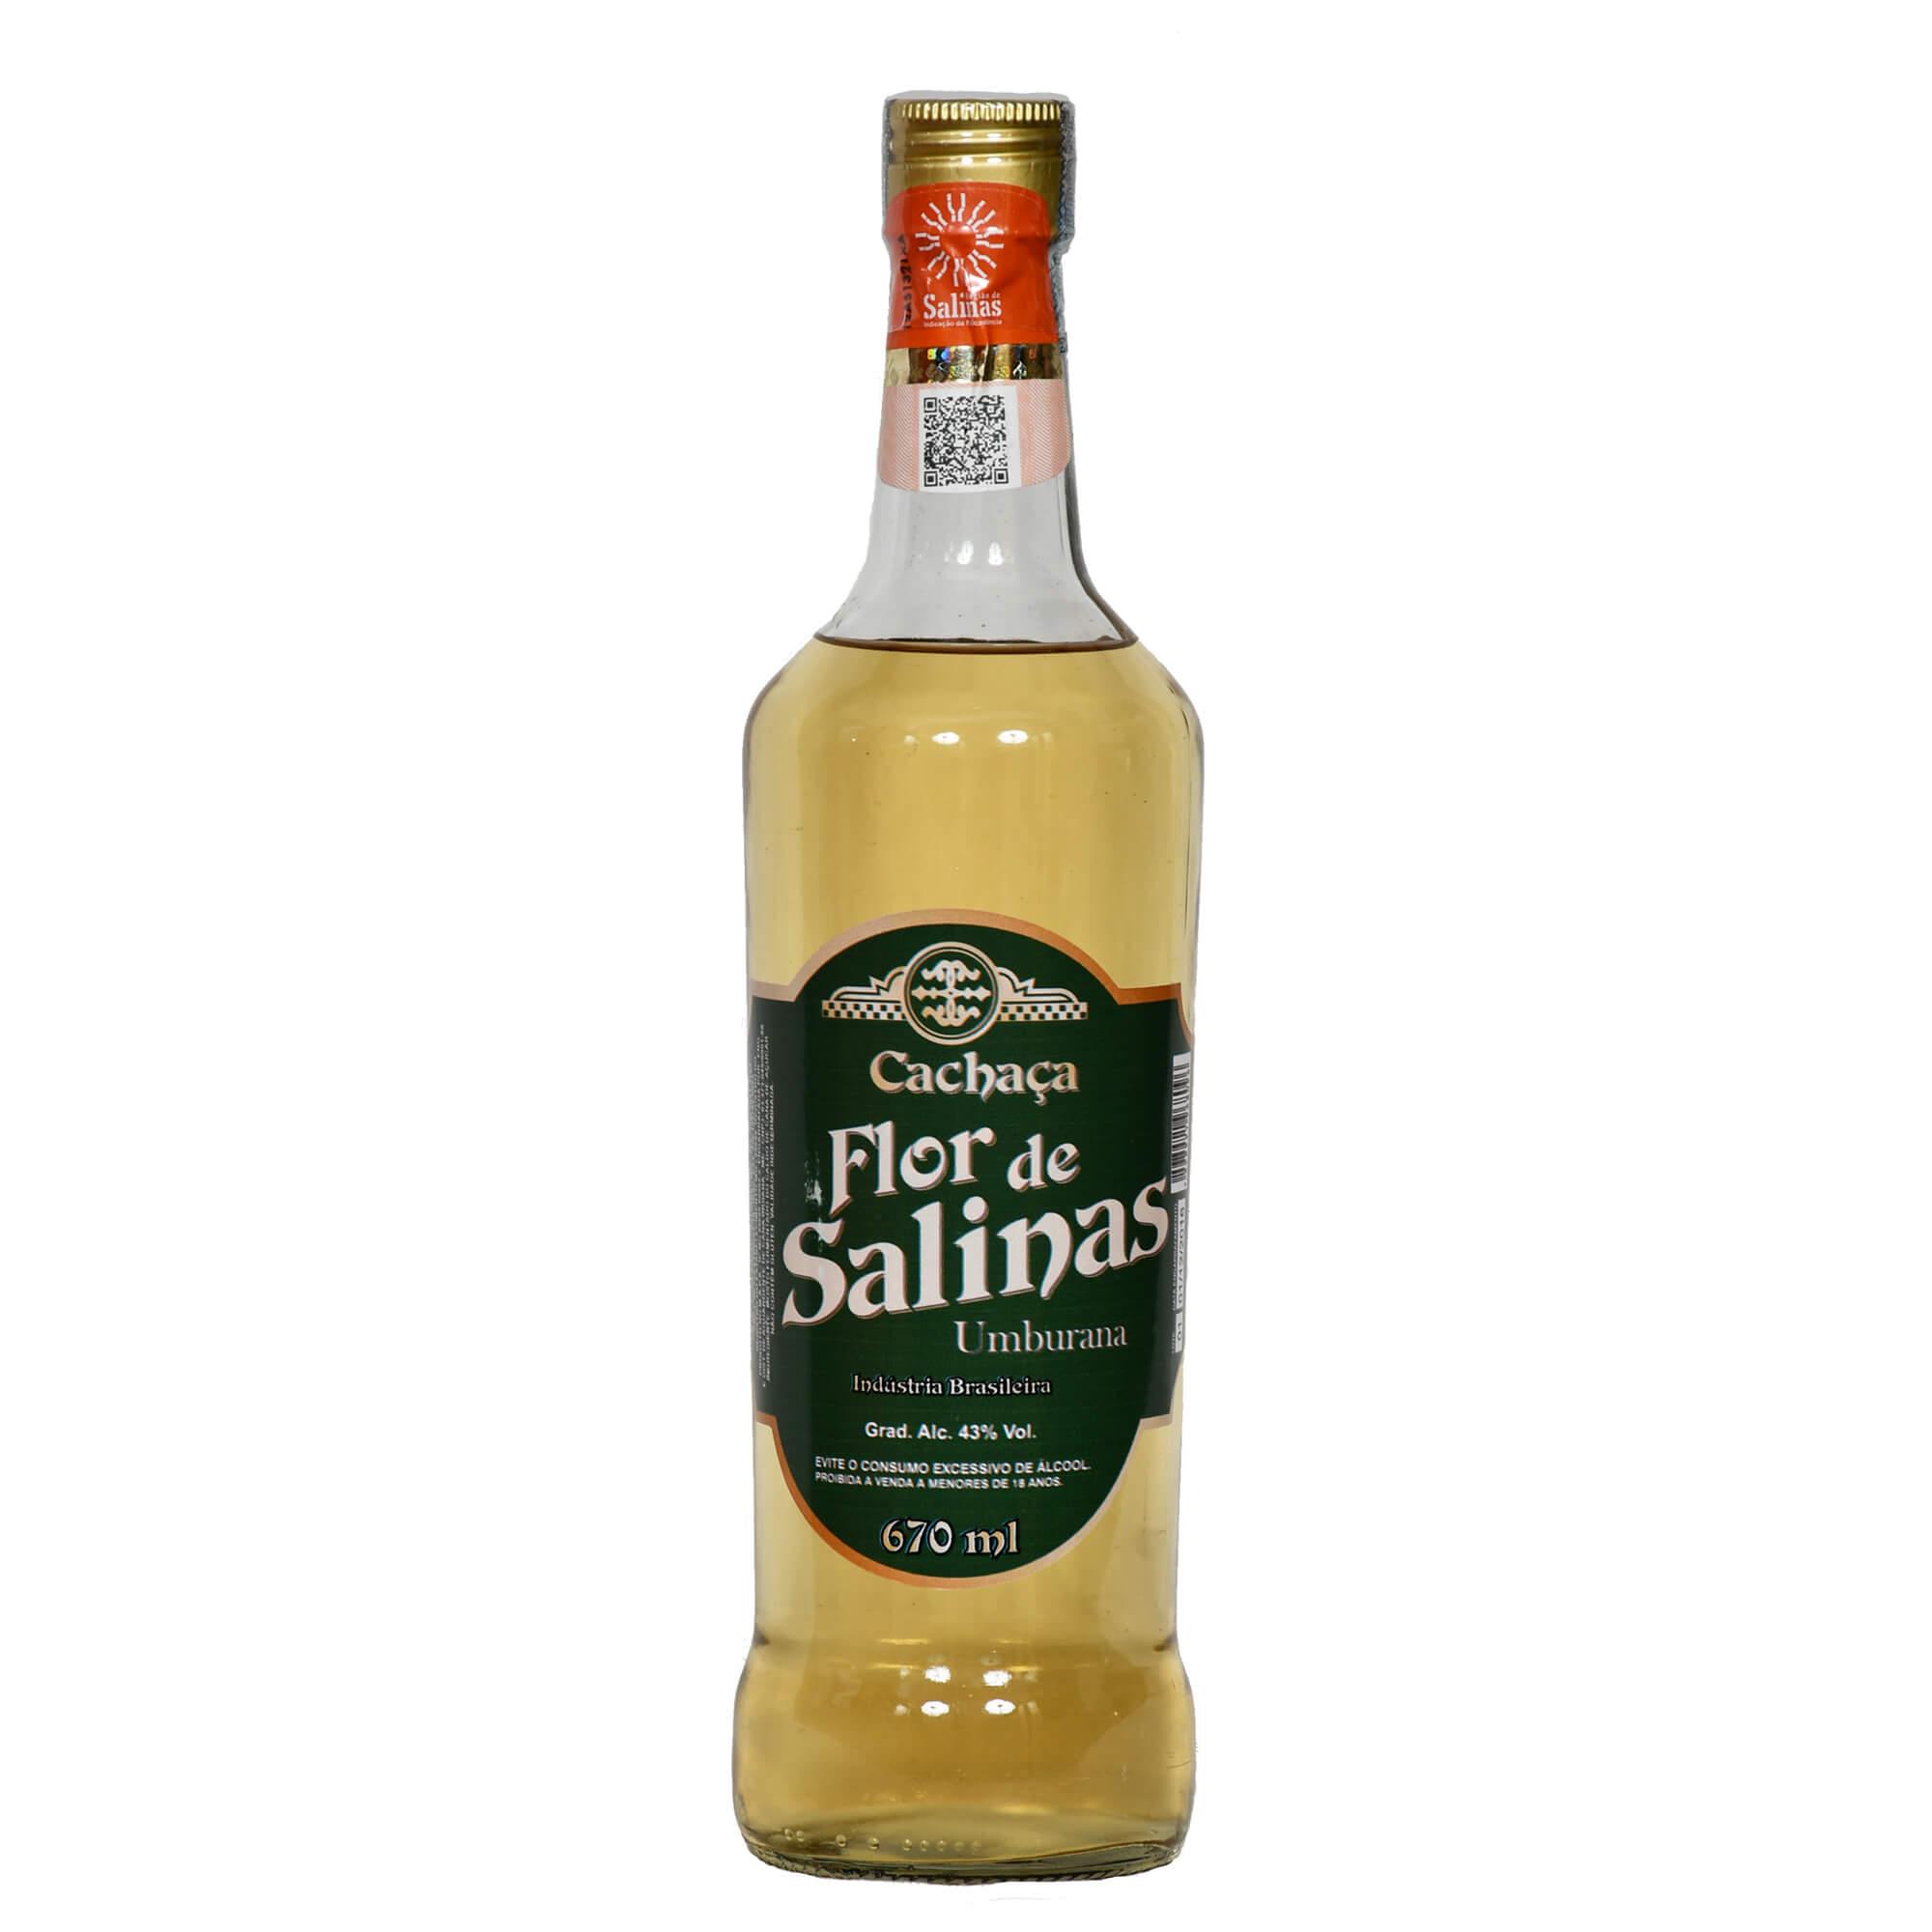 Cachaça Flor de Salinas 670 ml Amburana